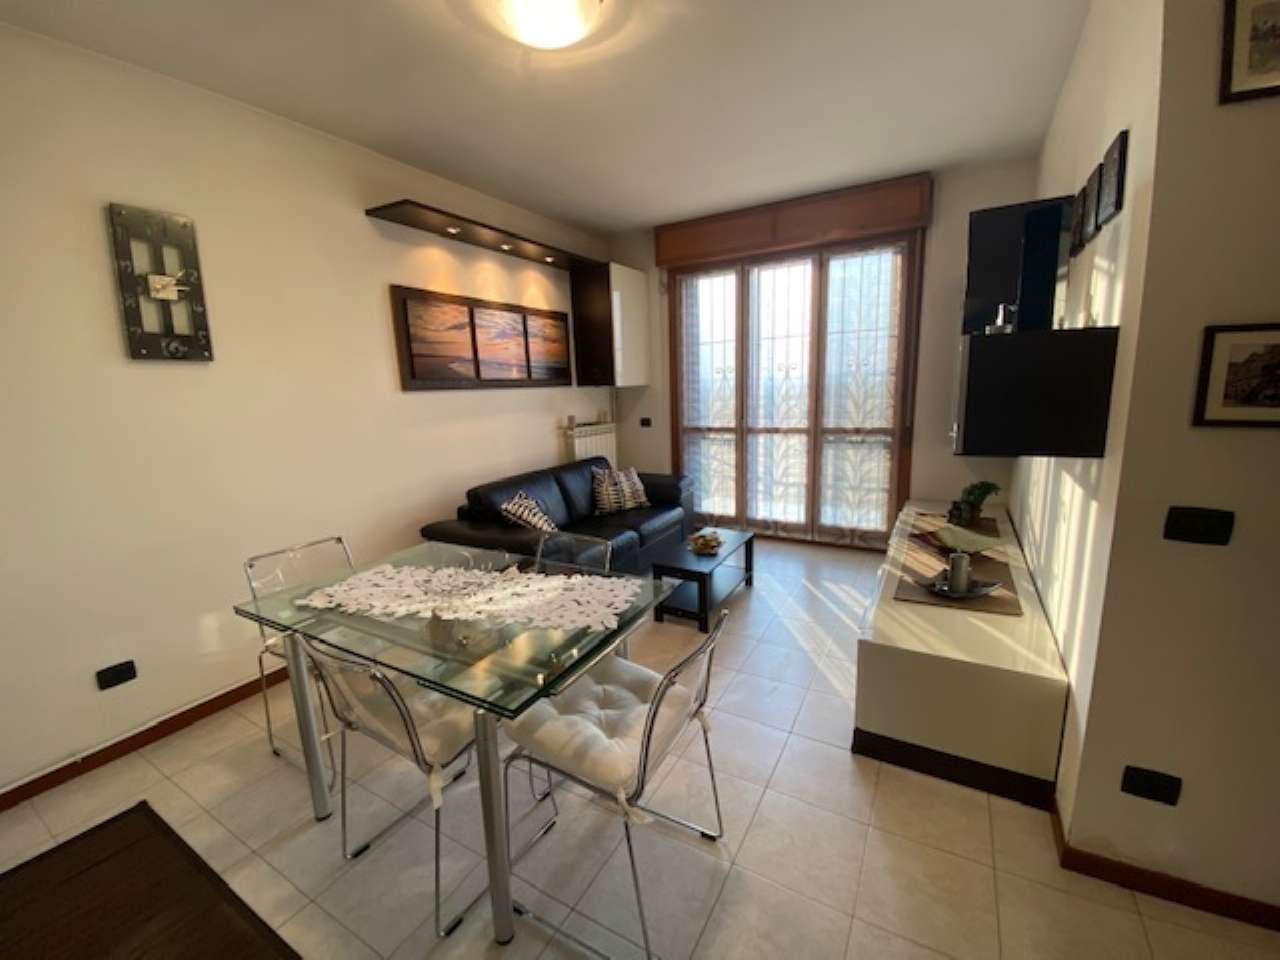 Appartamento in vendita a Certosa di Pavia, 2 locali, prezzo € 65.000 | PortaleAgenzieImmobiliari.it